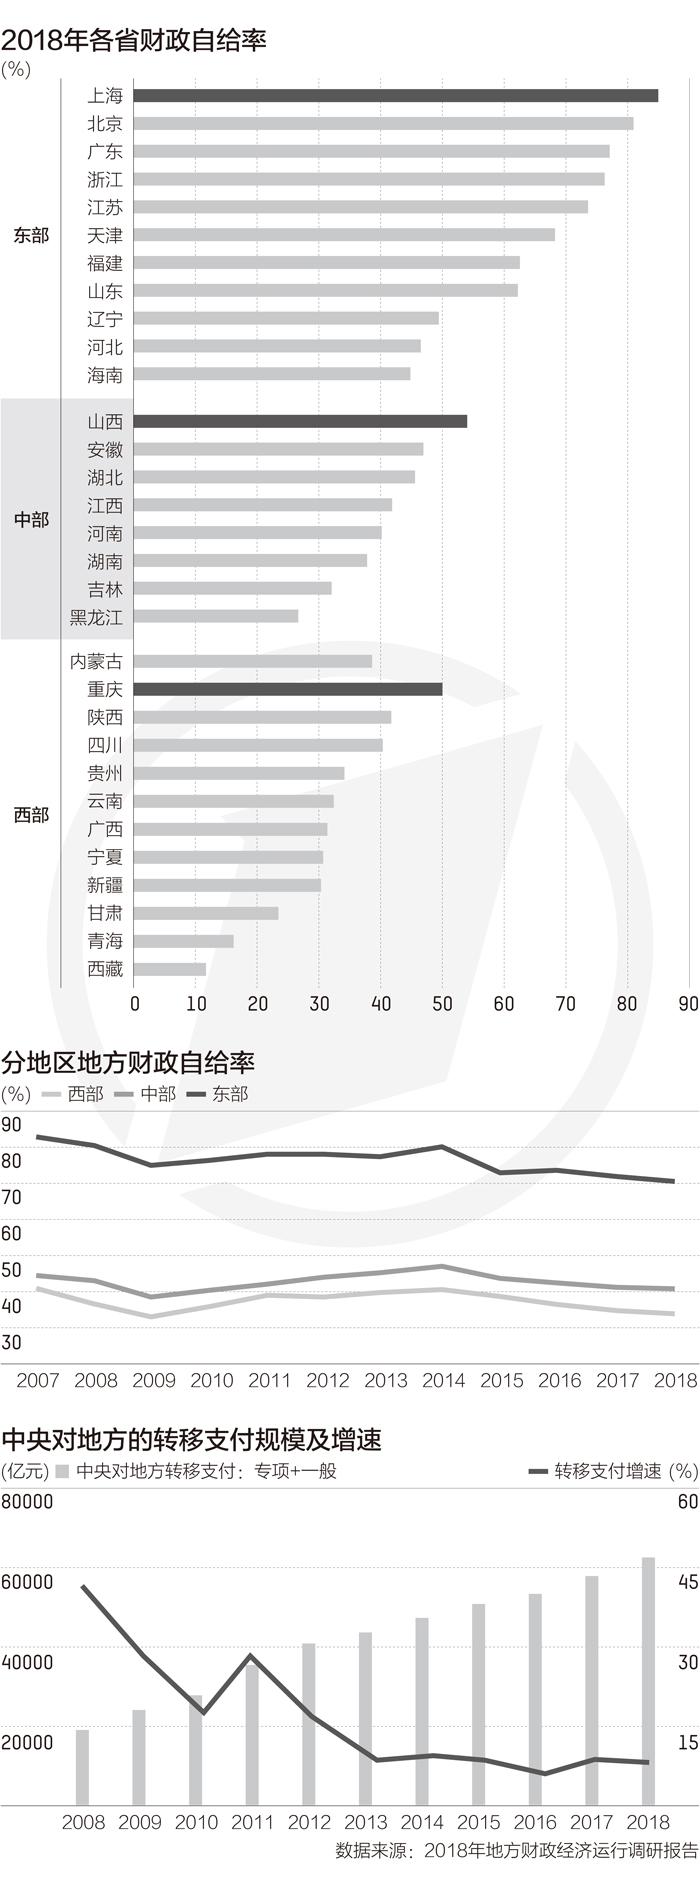 31省份财政自给率差异大 中央转移支付依赖度上升